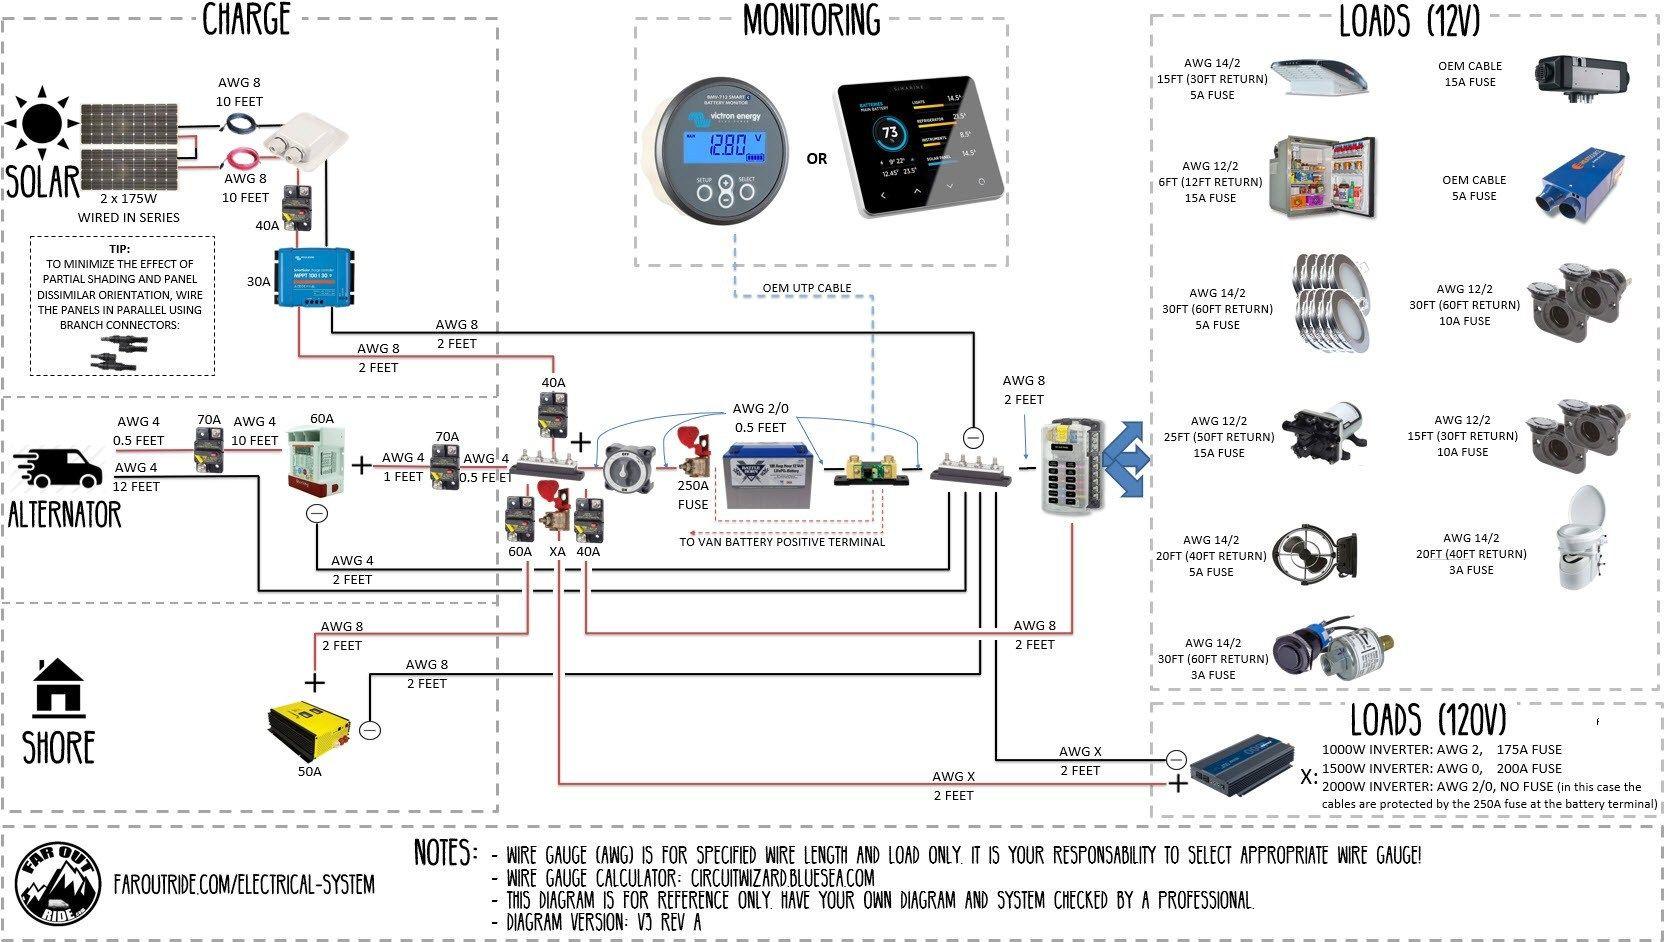 Interactive Wiring Diagram For Camper Van Skoolie Rv Etc Faroutride Bus Diys Camper